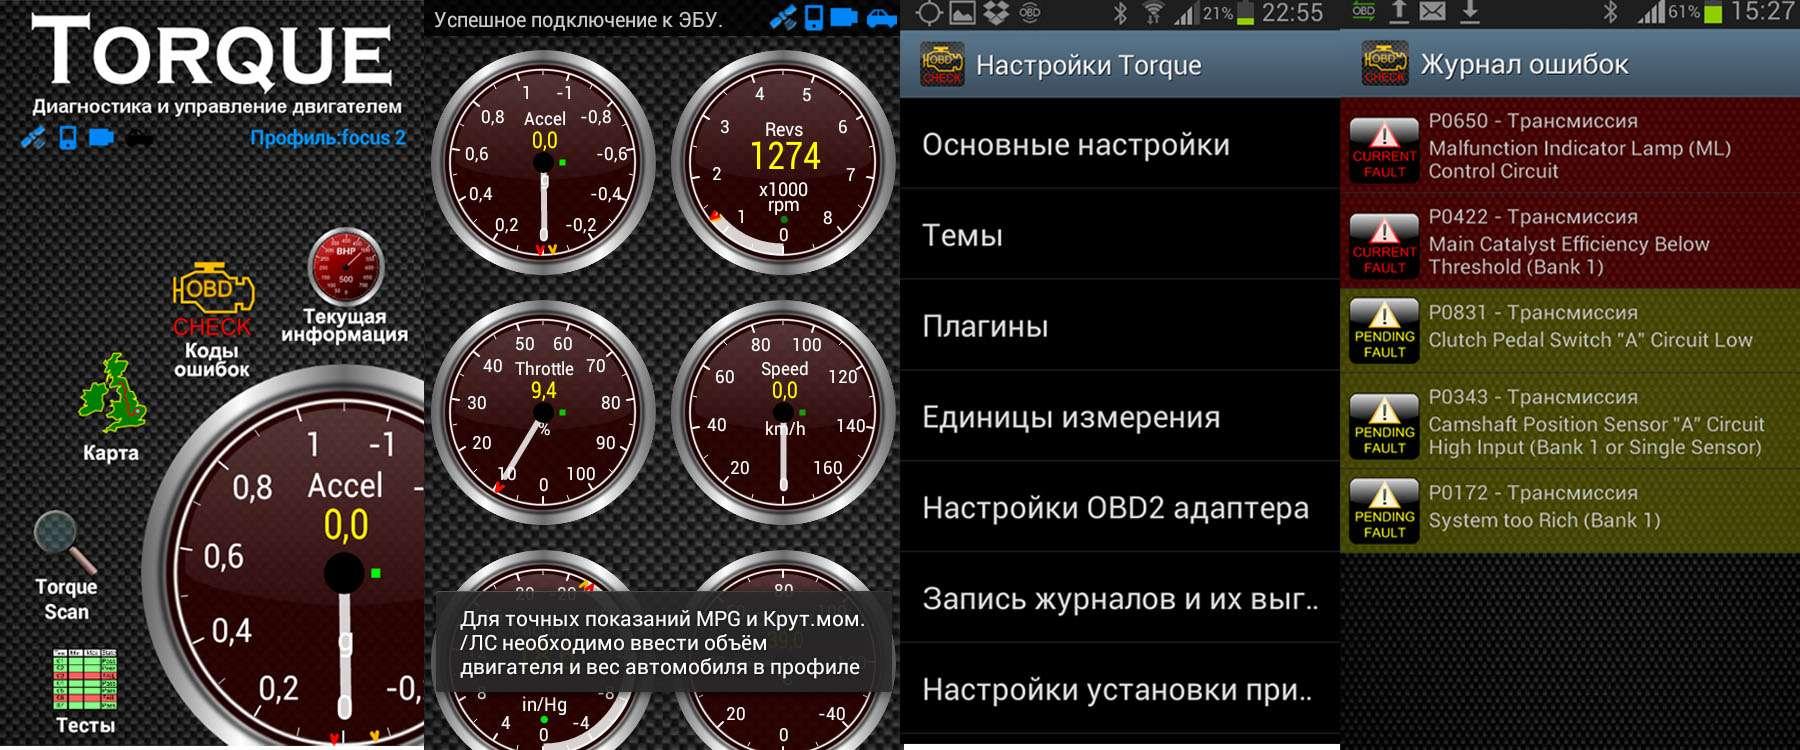 Програма для ELM327 Bluetooth: особливості роботи і функціонал софта